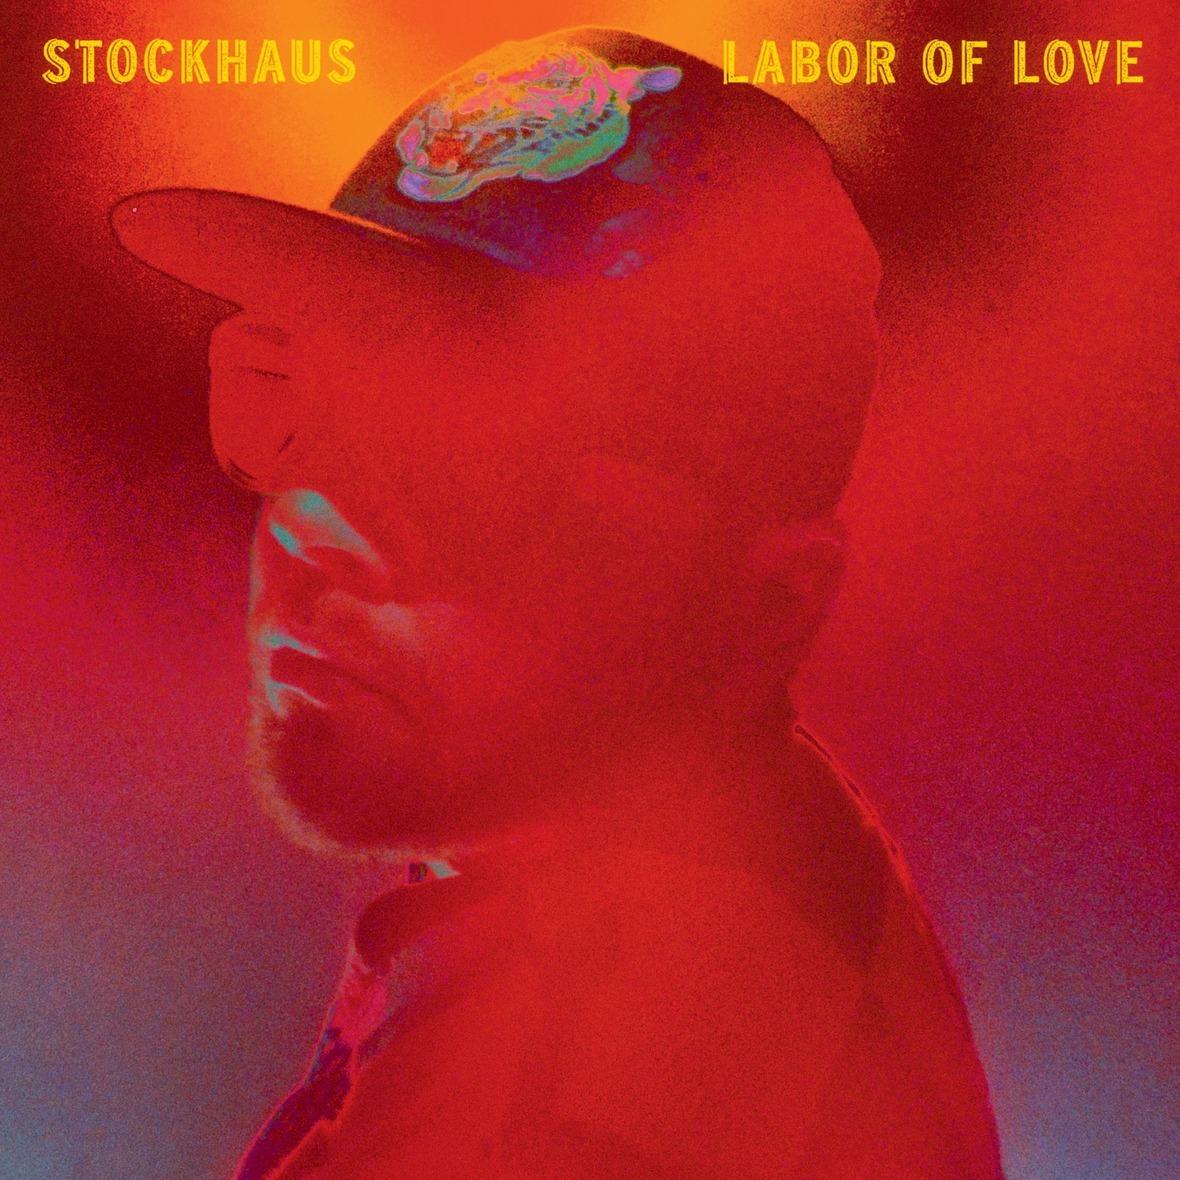 Stockhaus Labor Of Love album artwork lo res